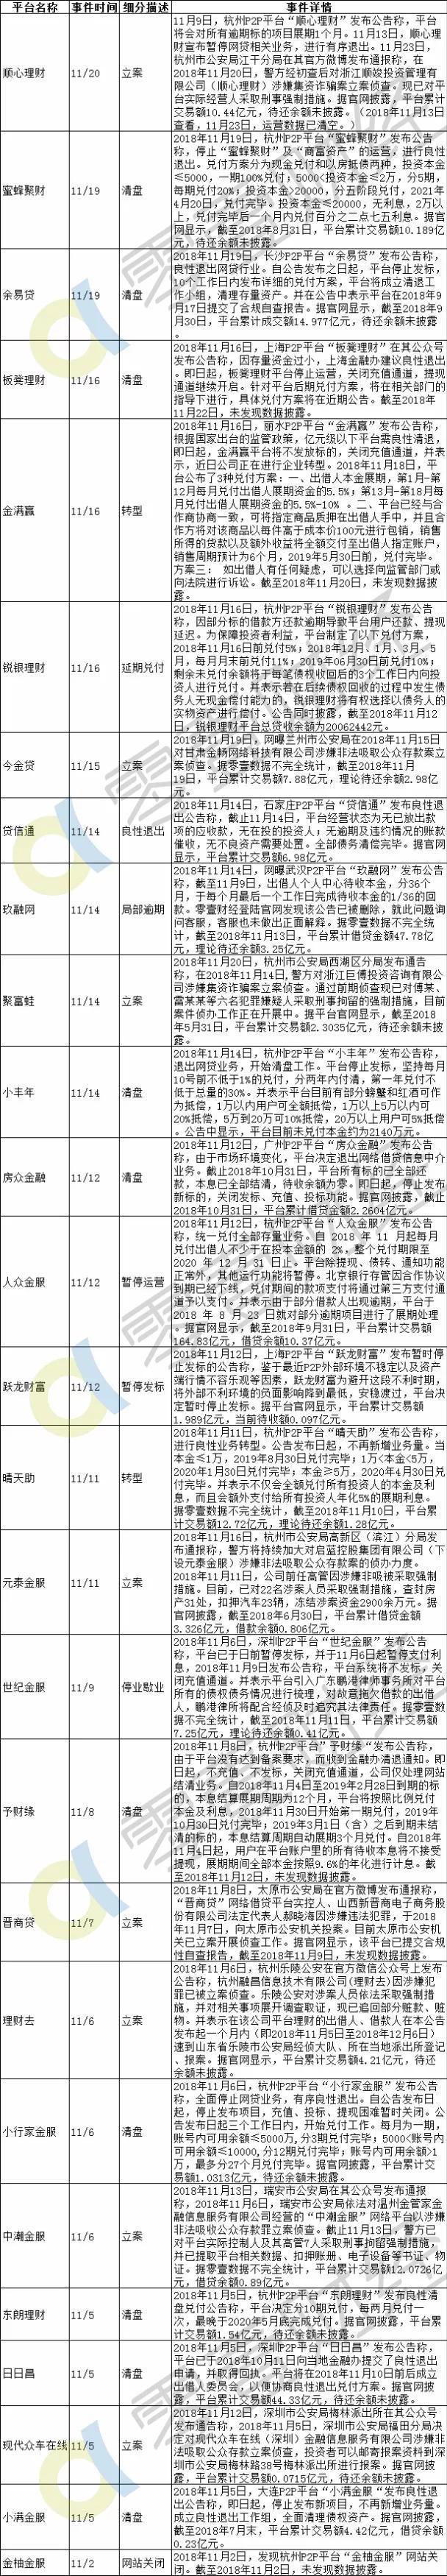 零壹P2P网贷周报:多家P2P平台被劝退12省市发布退出指引522家平台